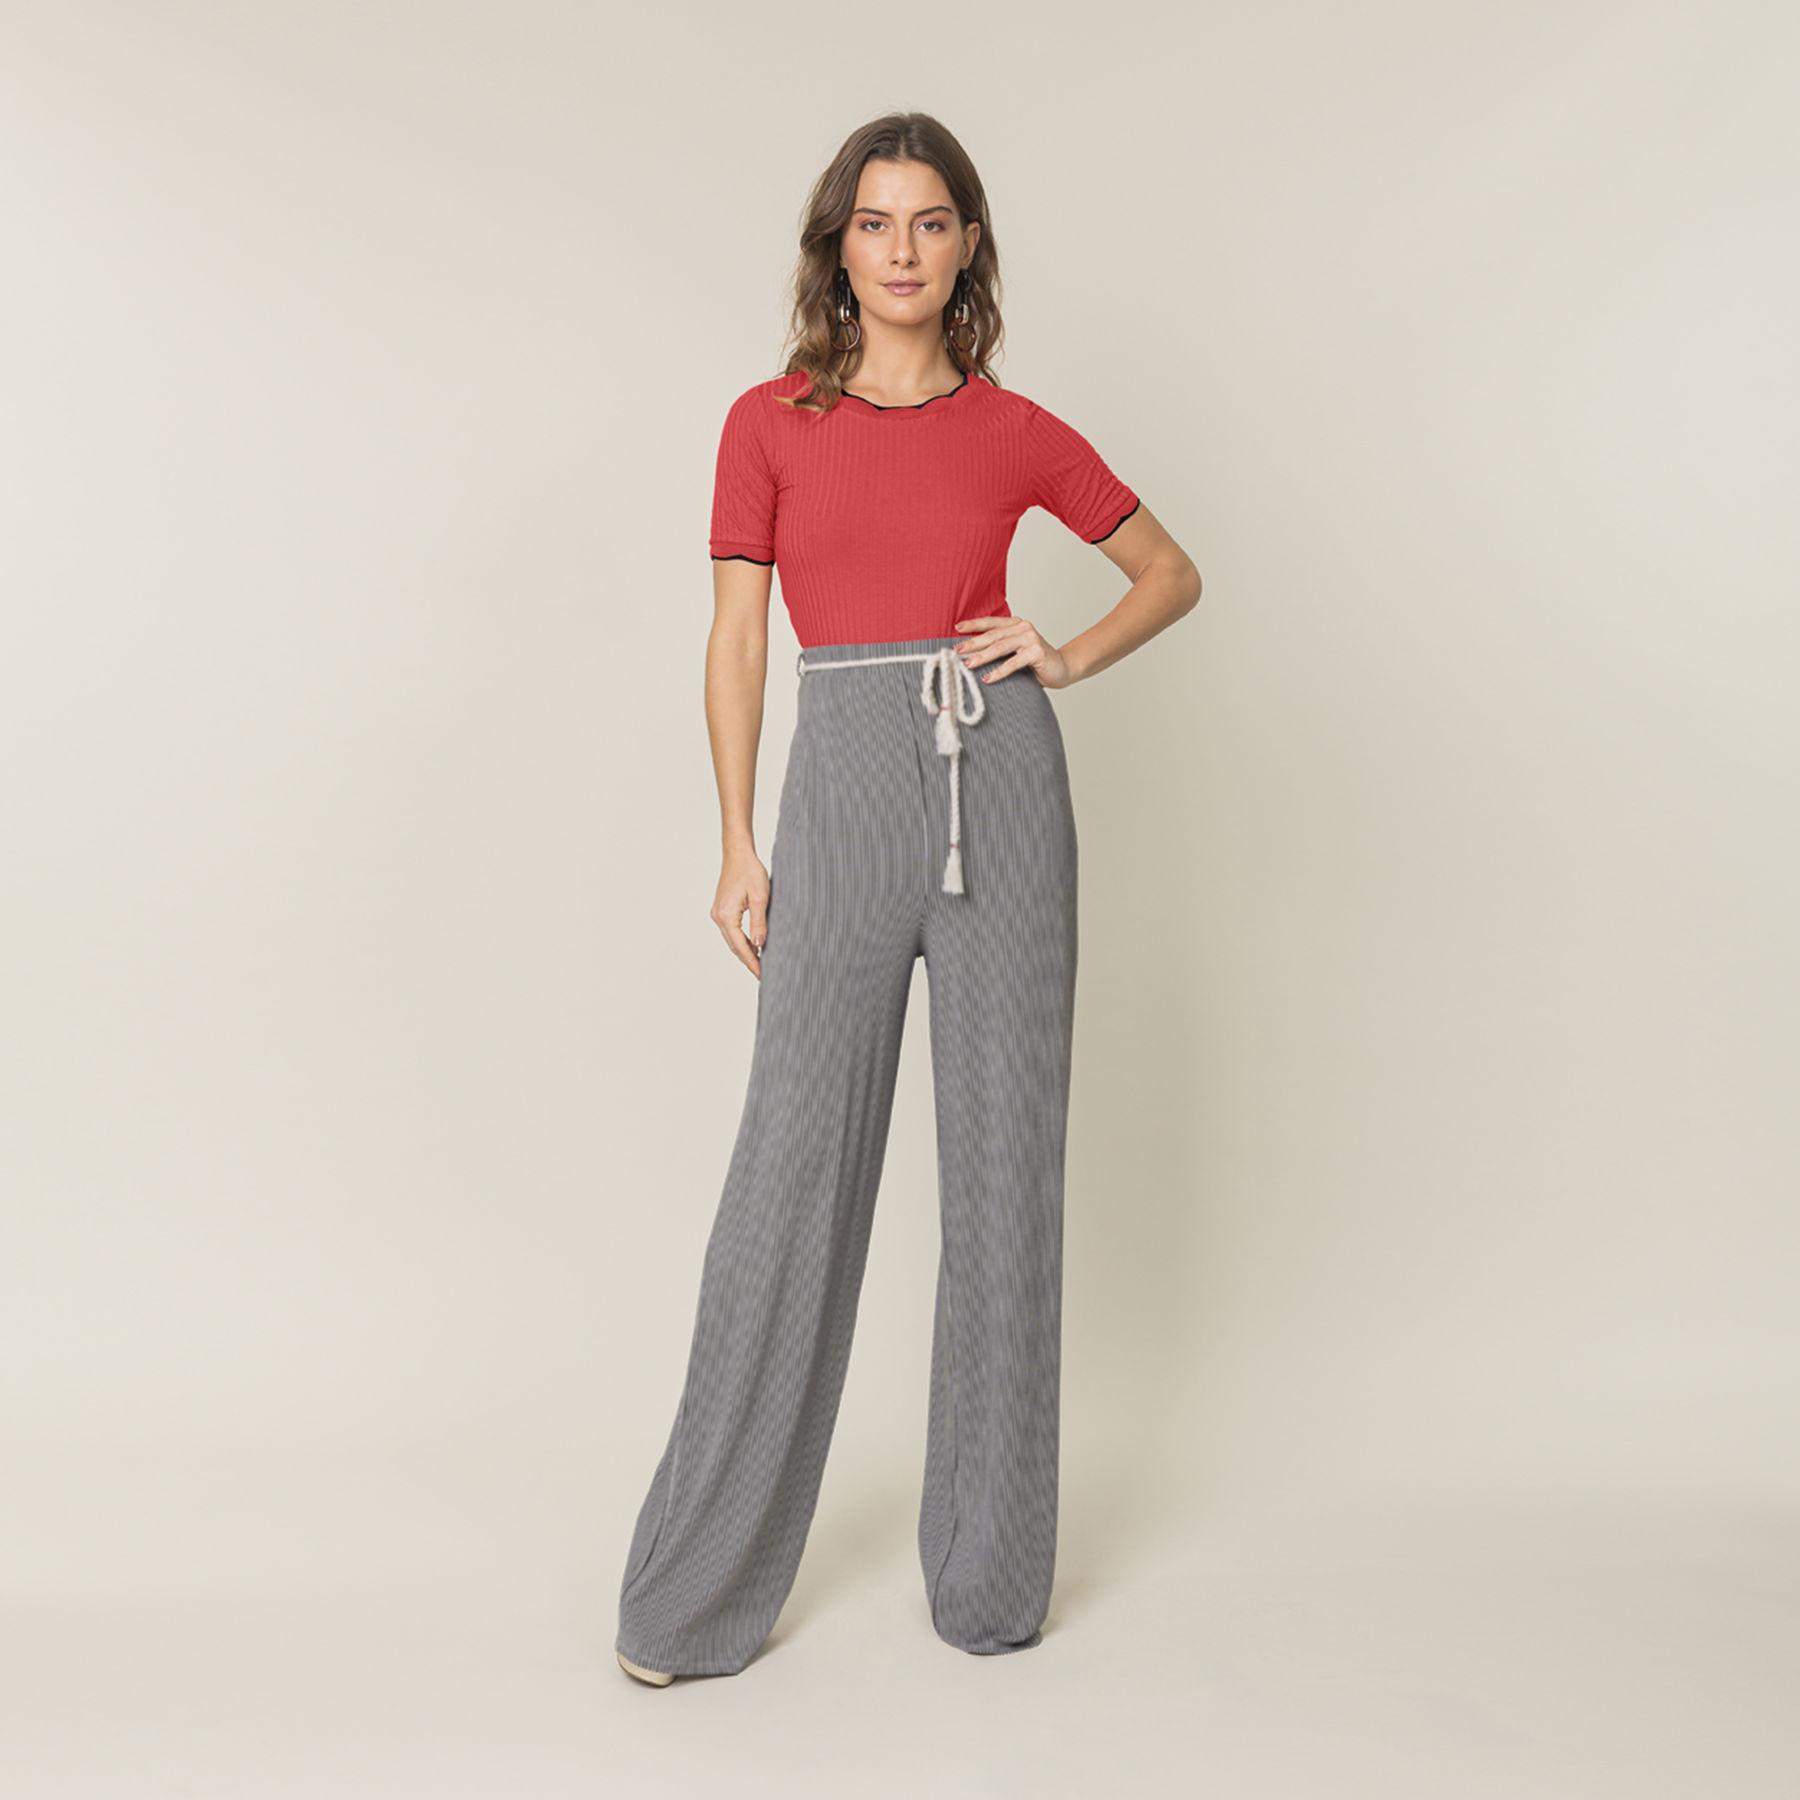 Calça pantalona Lunender